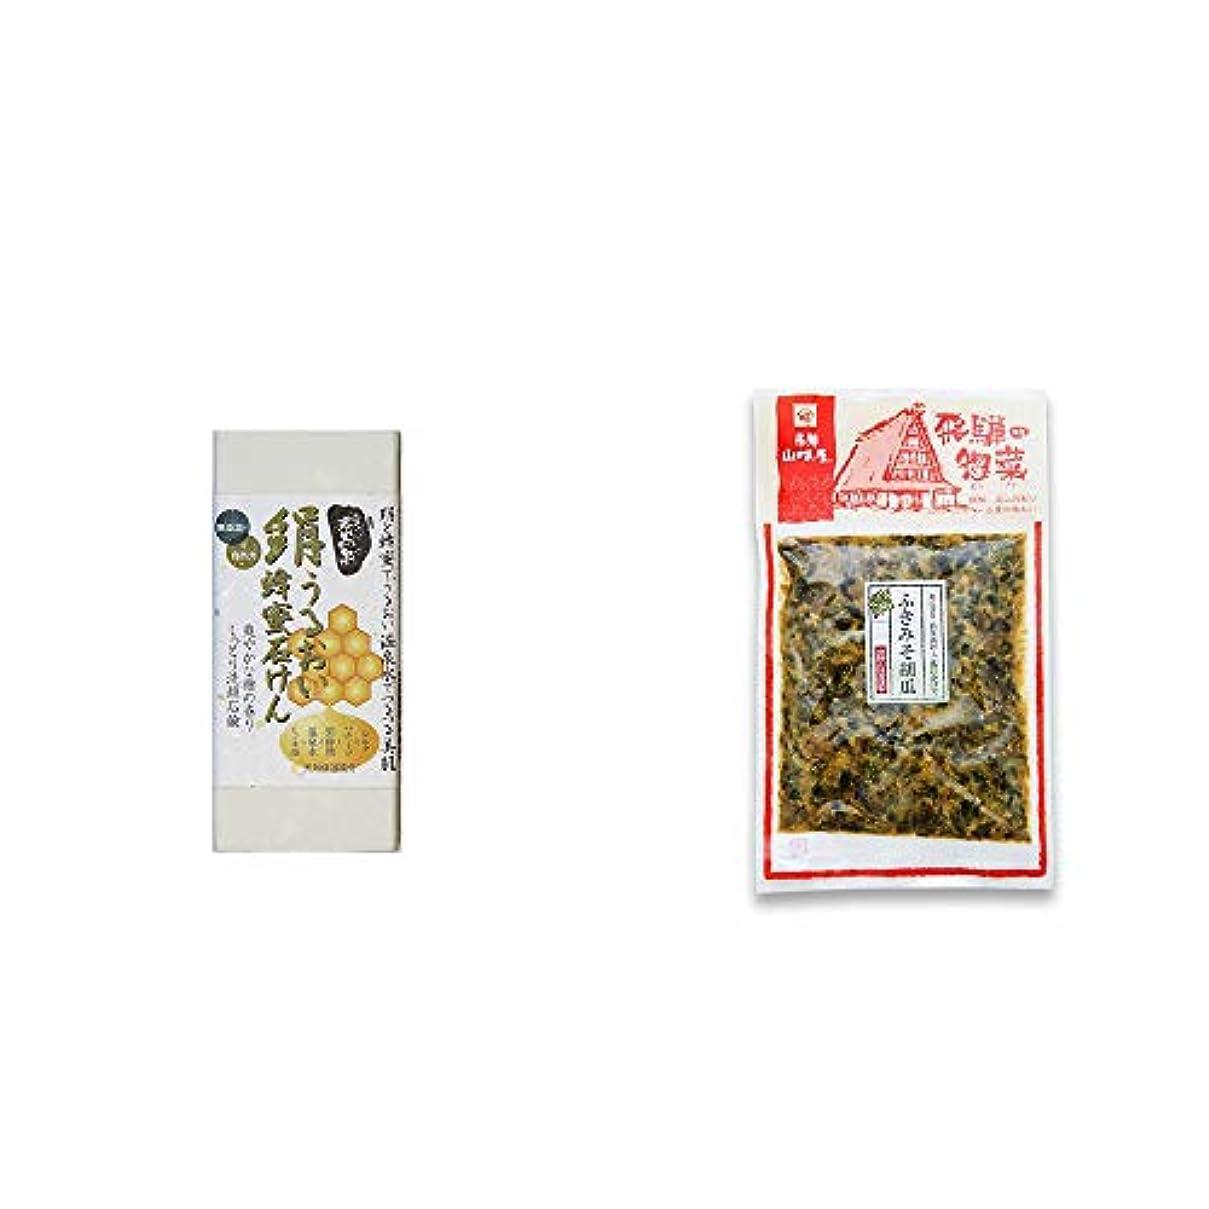 応用早くさせる[2点セット] ひのき炭黒泉 絹うるおい蜂蜜石けん(75g×2)?飛騨山味屋 ふきみそ胡瓜(120g)